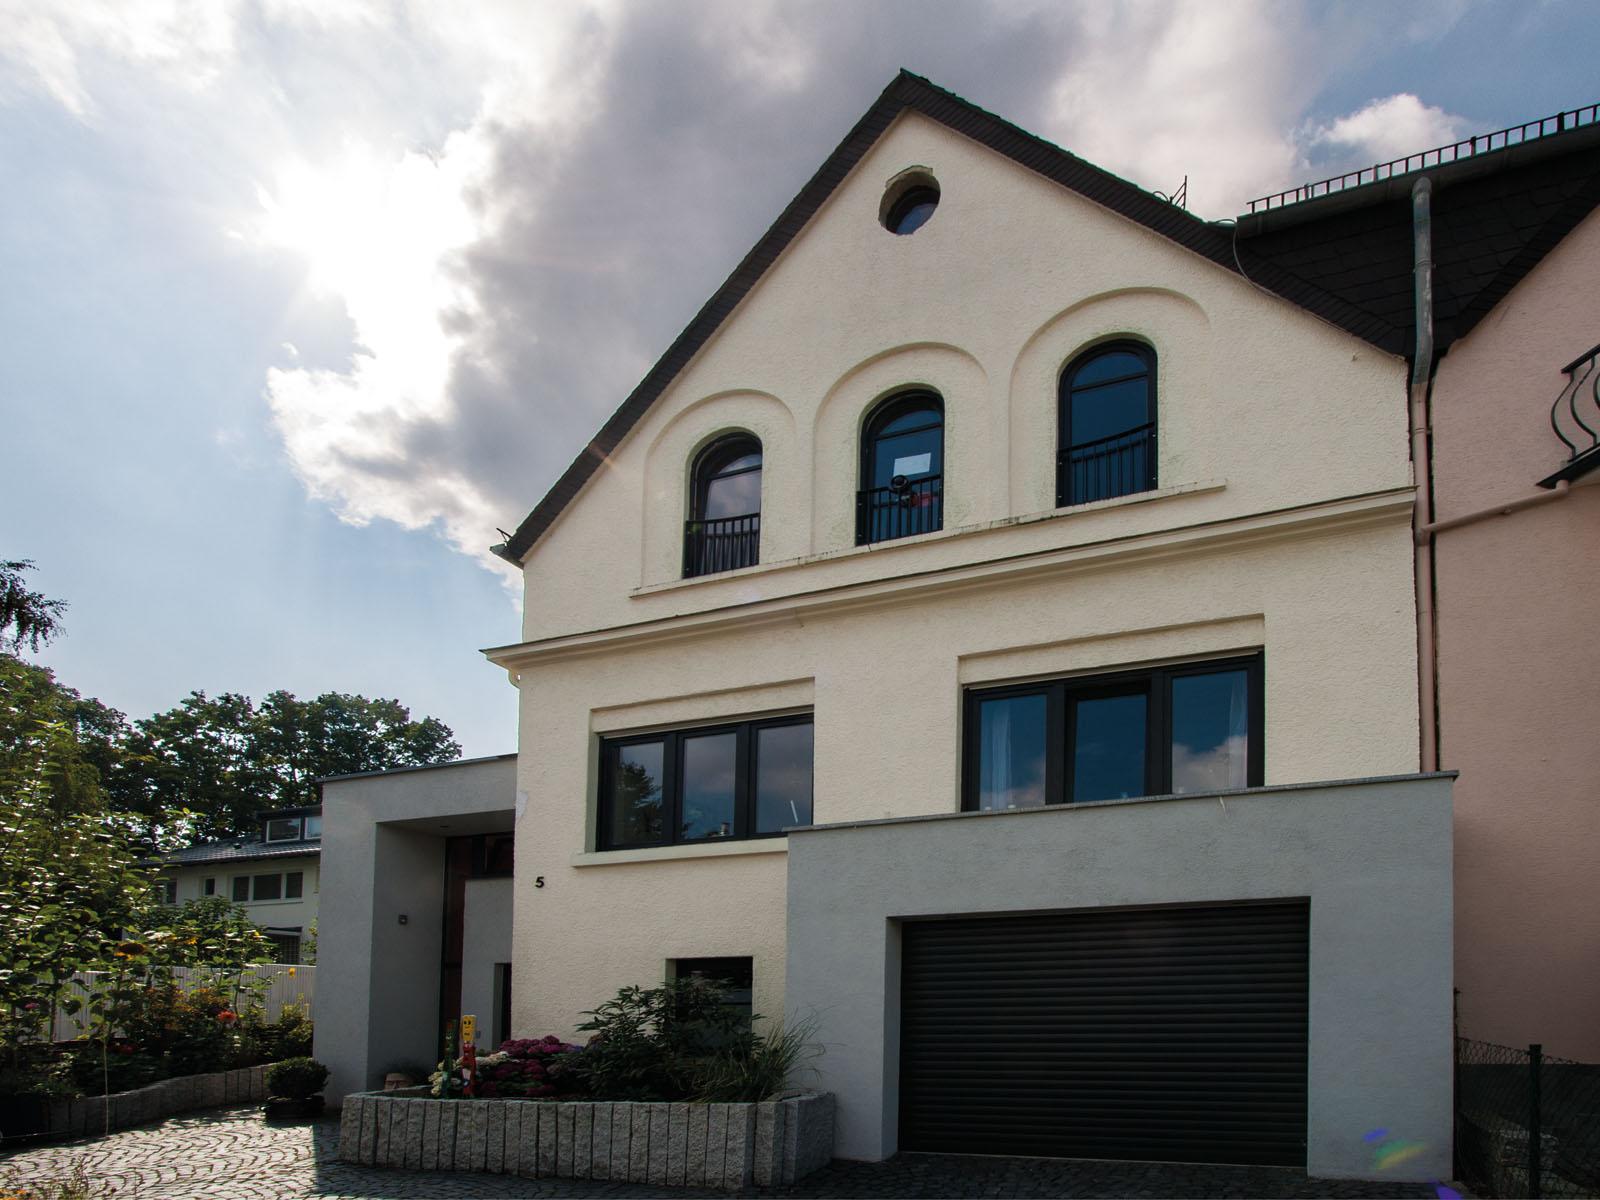 Projekt erweiterung einfamilienhaus bai planung for Planung einfamilienhaus